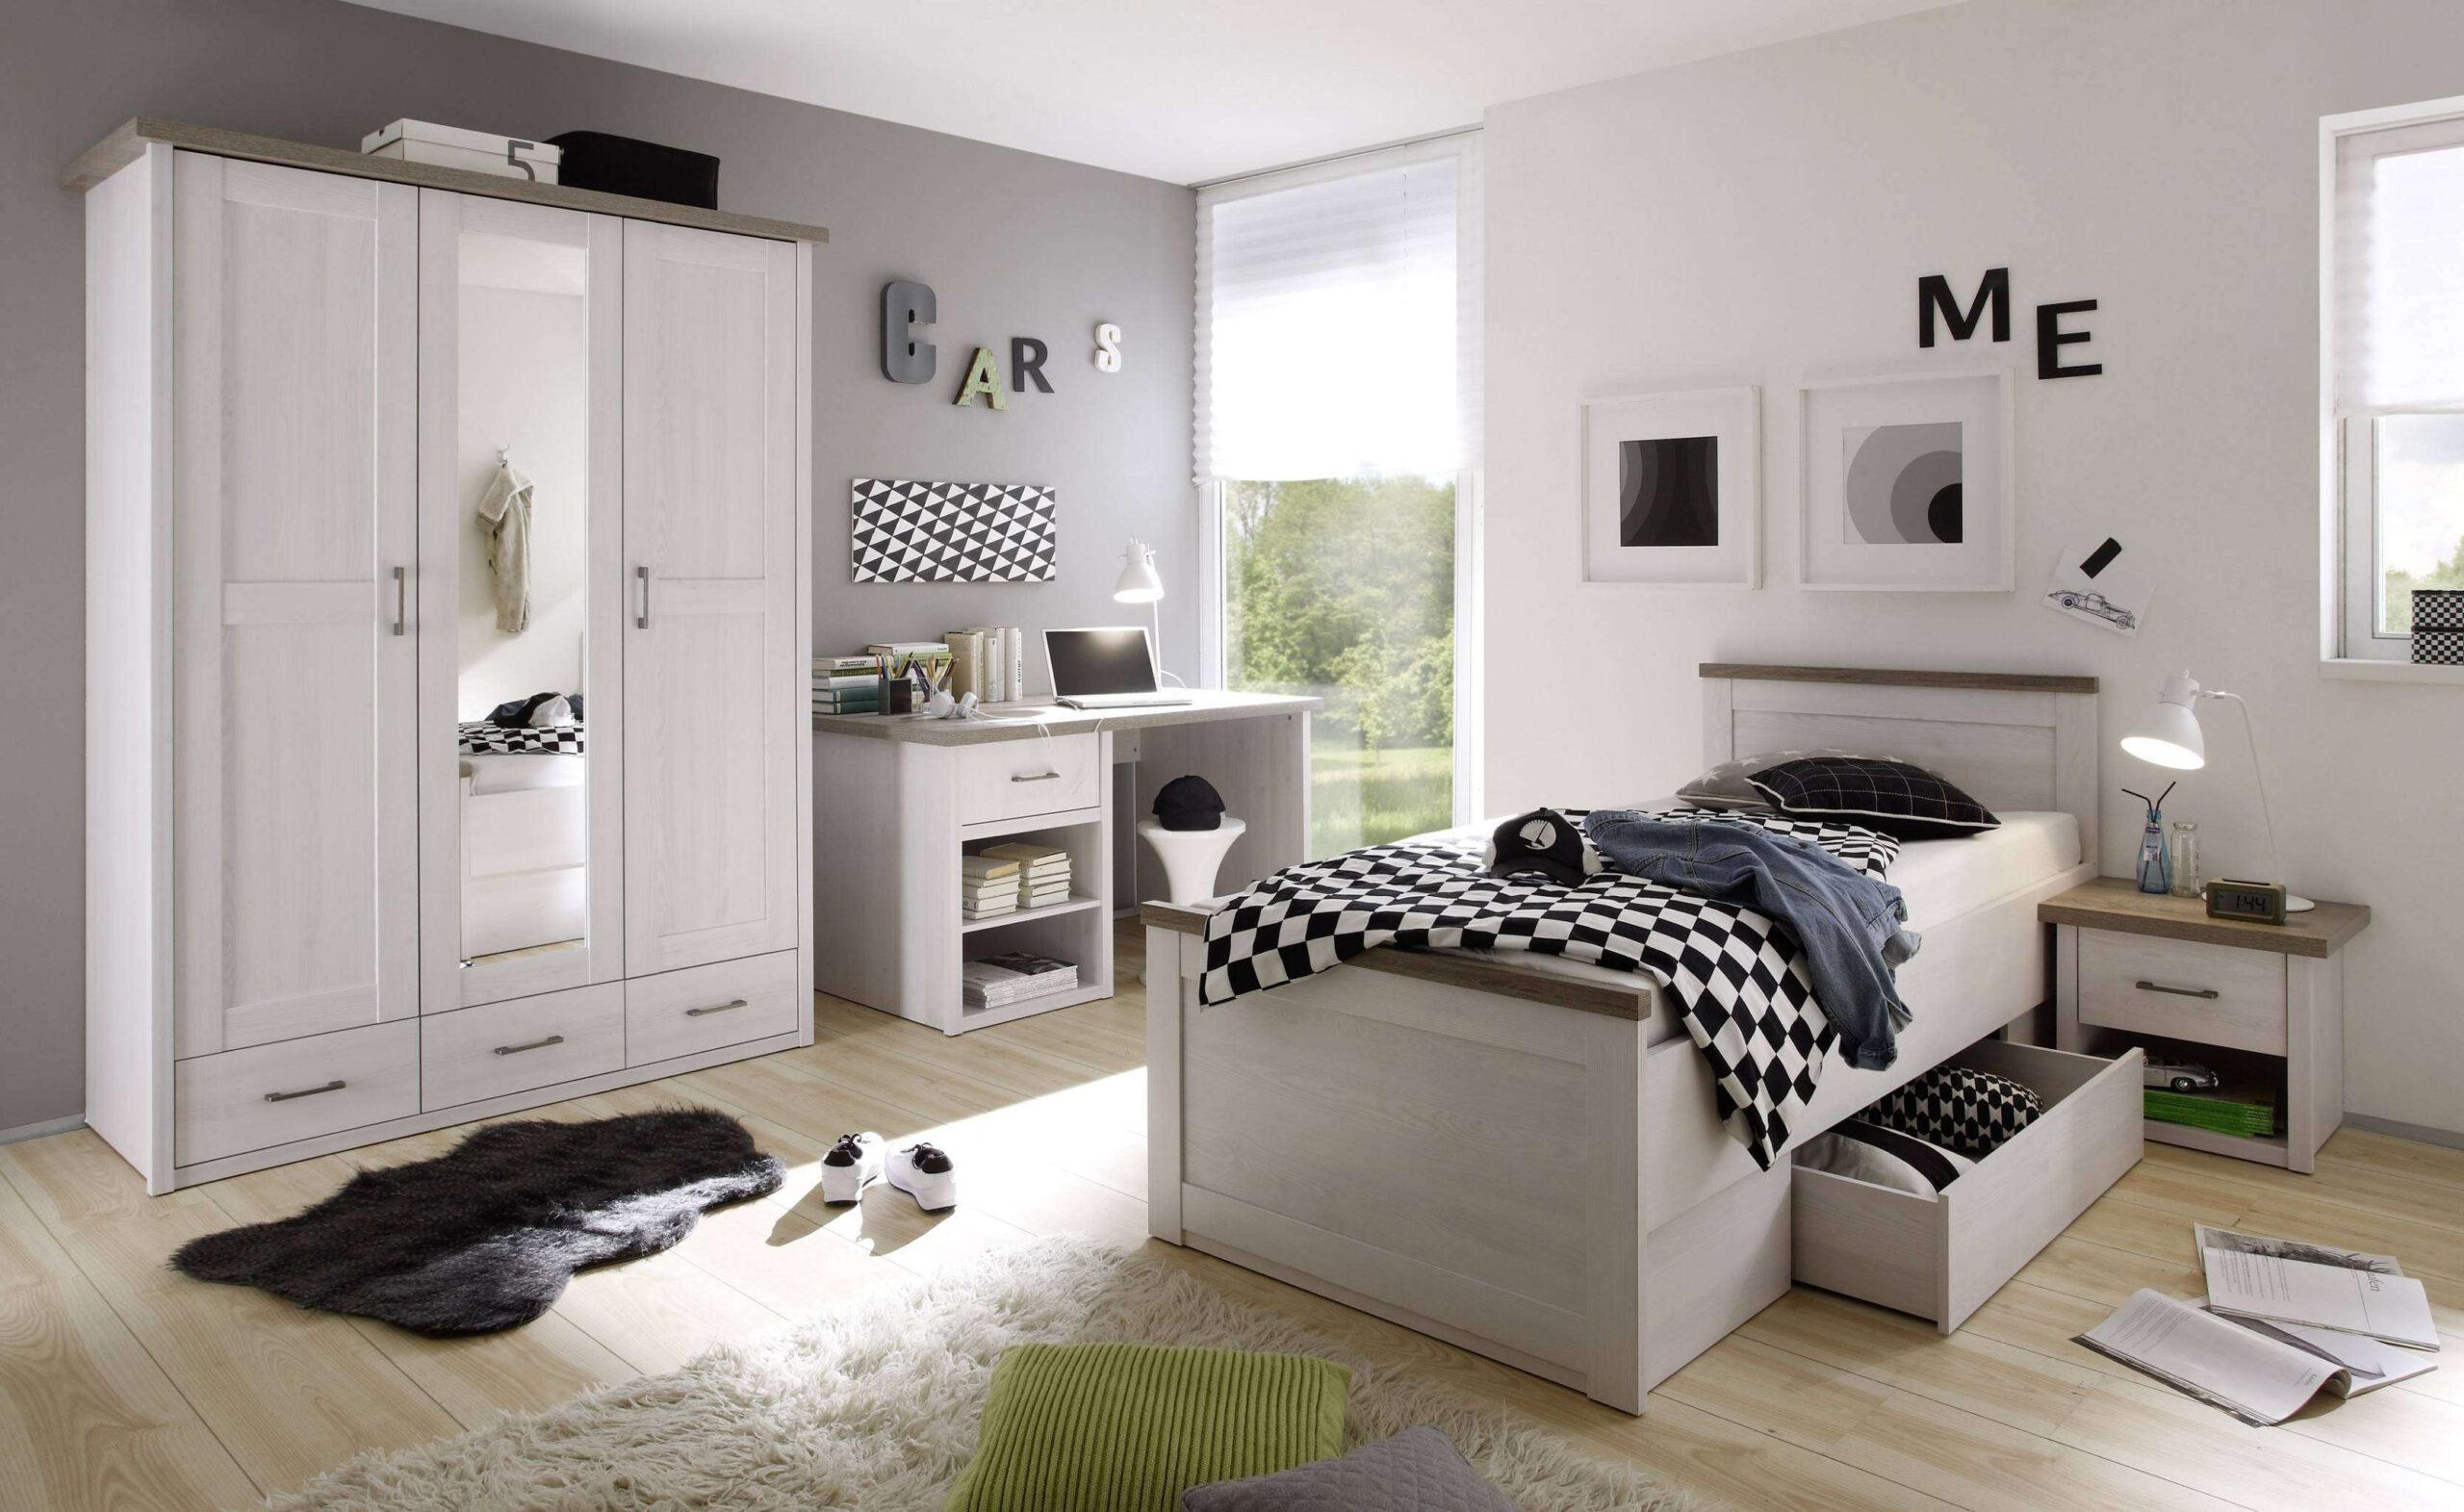 Full Size of Neu Jugendzimmer Komplett Ikea Cz Anleitung Beste Mbelideen Betten 160x200 Sofa Bett Mit Schlaffunktion Küche Kosten Kaufen Bei Miniküche Modulküche Wohnzimmer Ikea Jugendzimmer